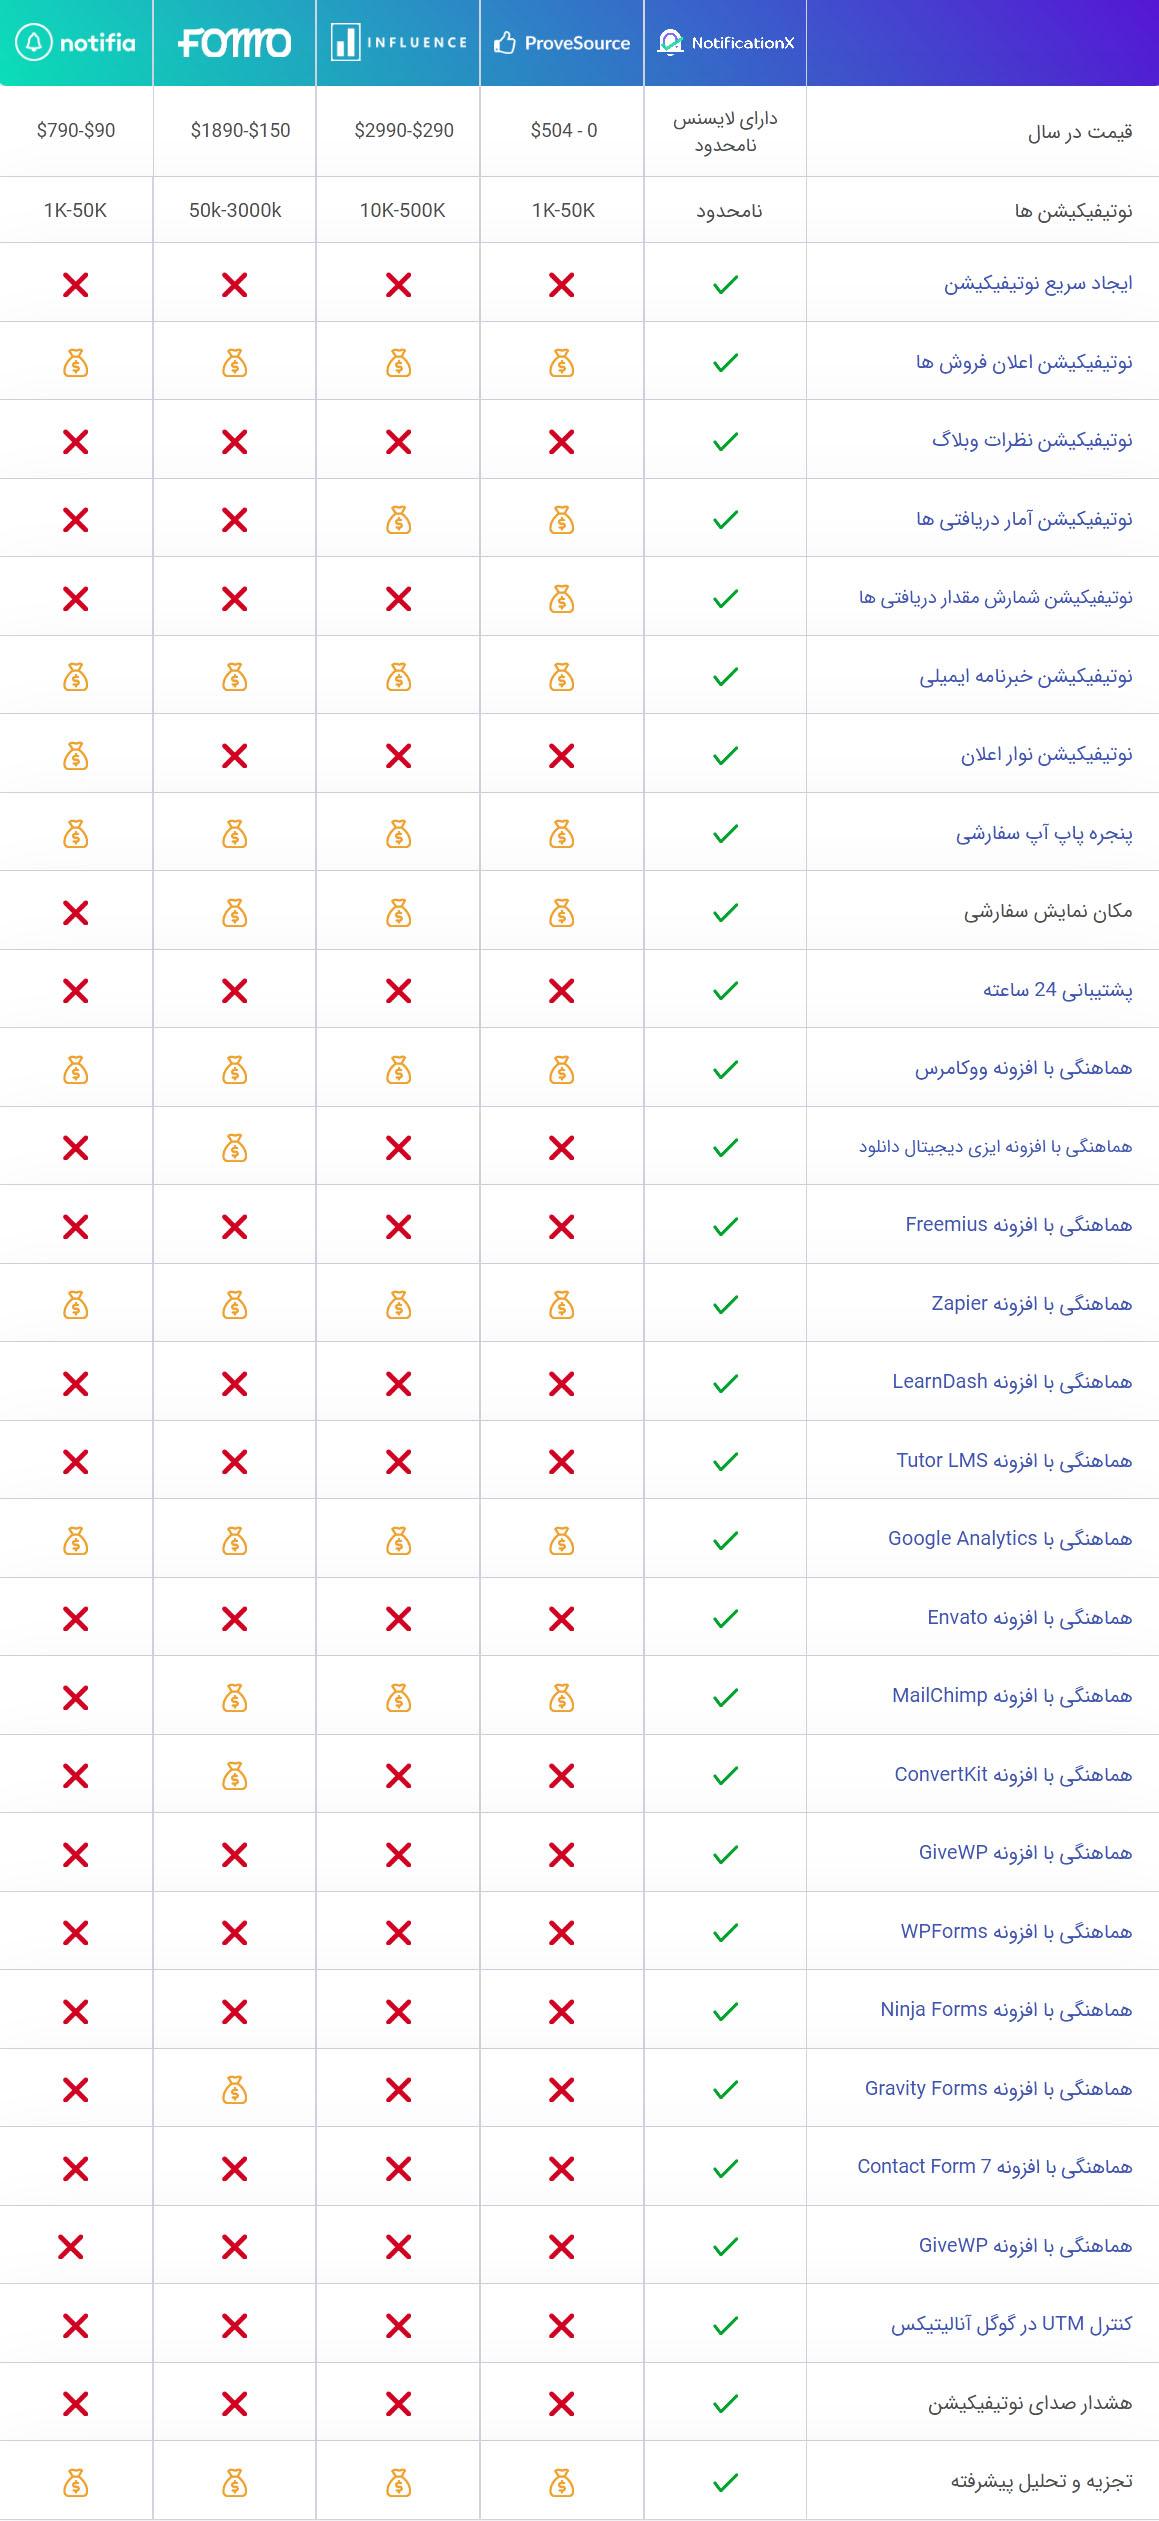 افزونه NotificationX Pro | بهترین افزونه بازاریابی وردپرس 8